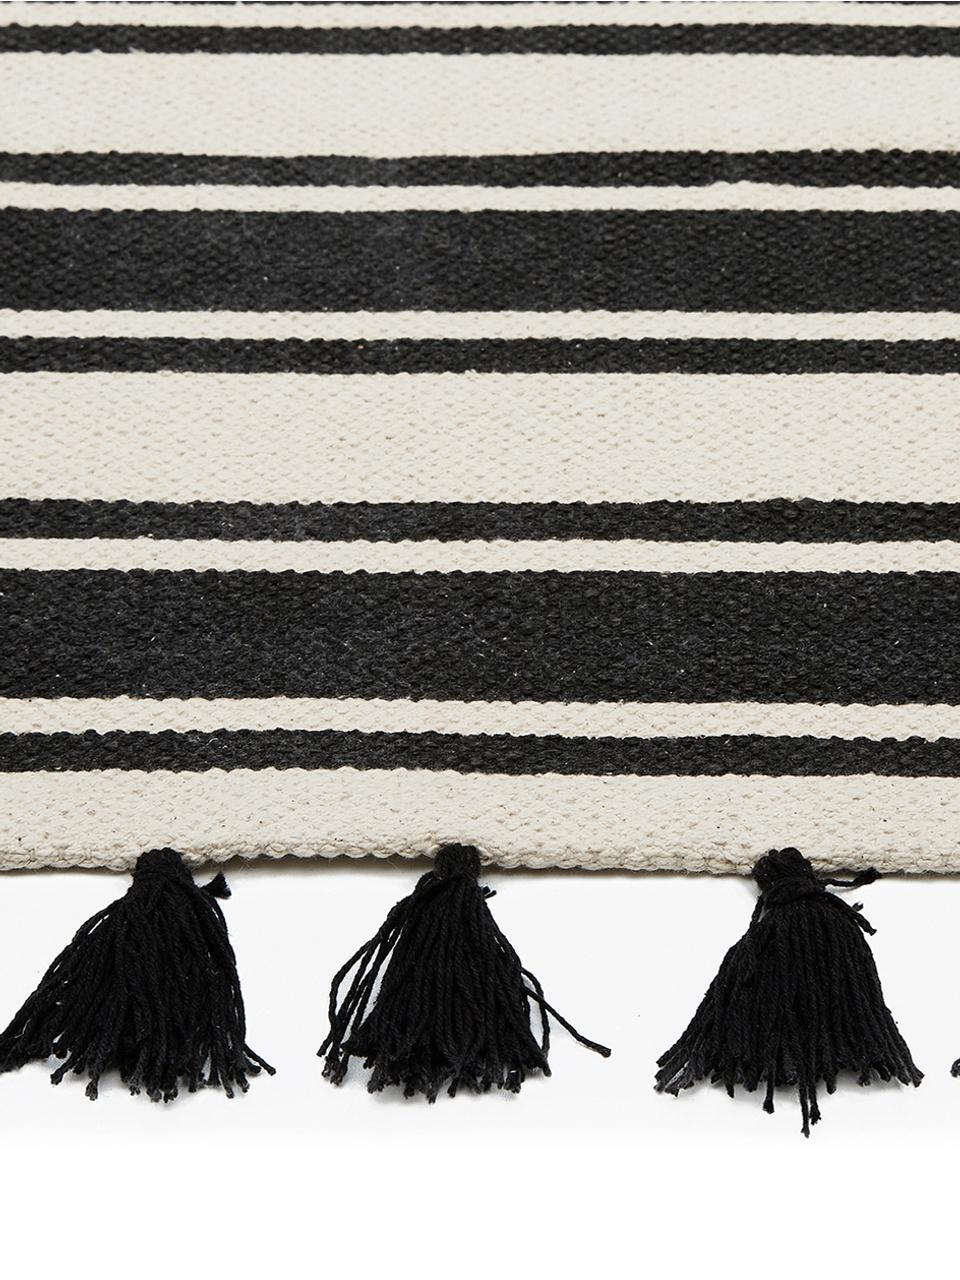 Gestreifter Baumwollteppich Vigga mit Quasten, handgewebt, Schwarz, Beige, B 120 x L 180 cm (Größe S)